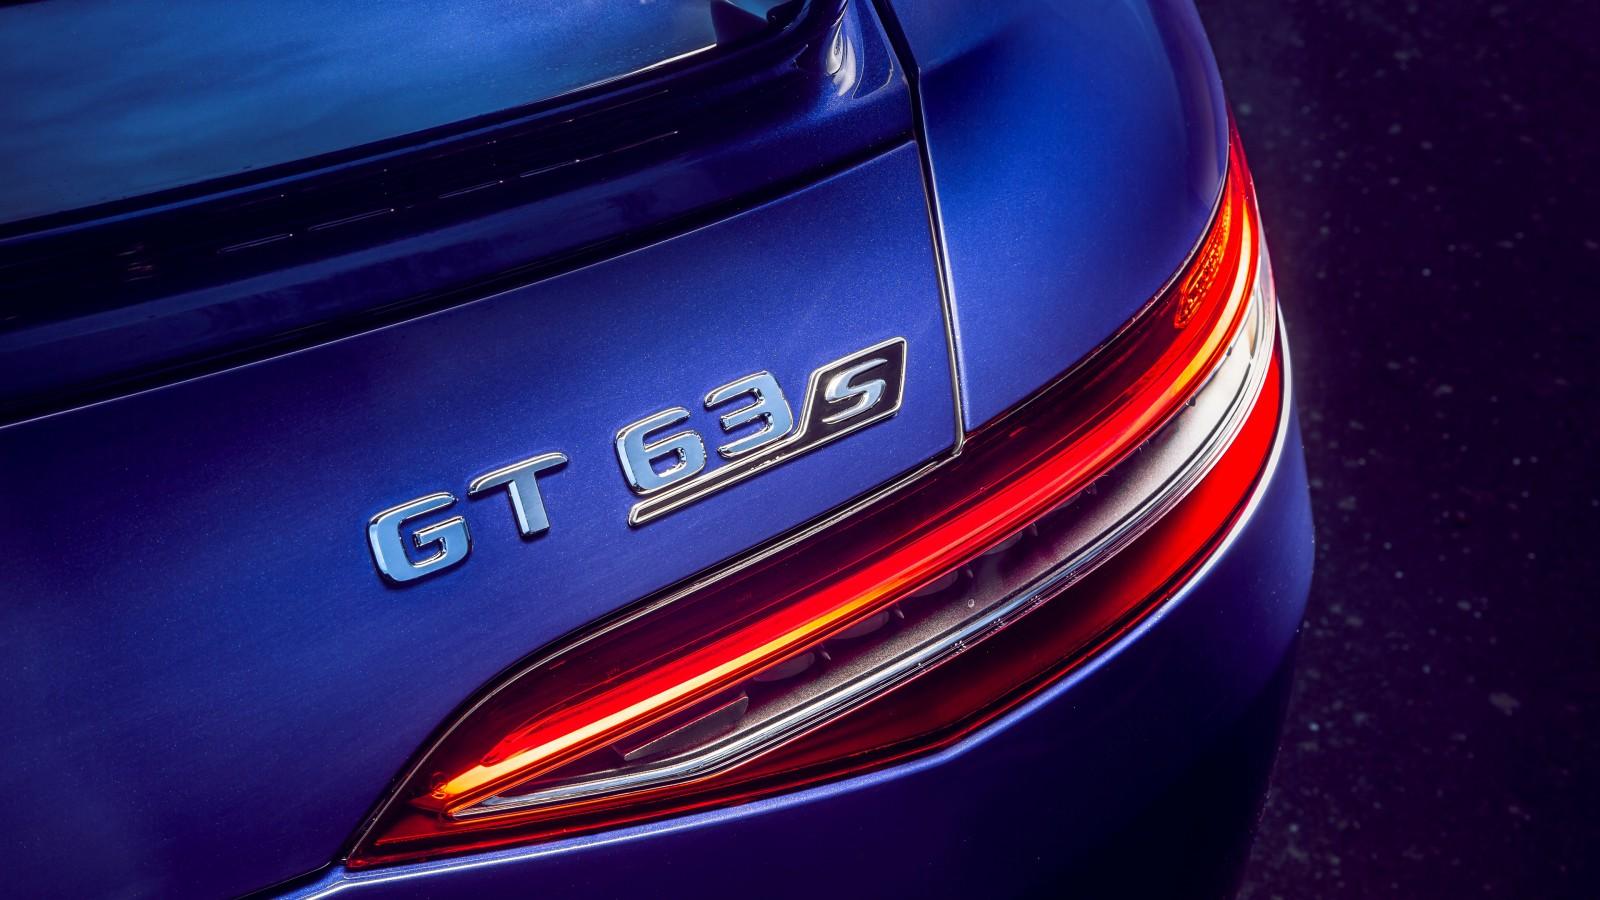 Mercedes-AMG GT 63 S 4MATIC 4-Door Coupe 2019 4K 3 ...